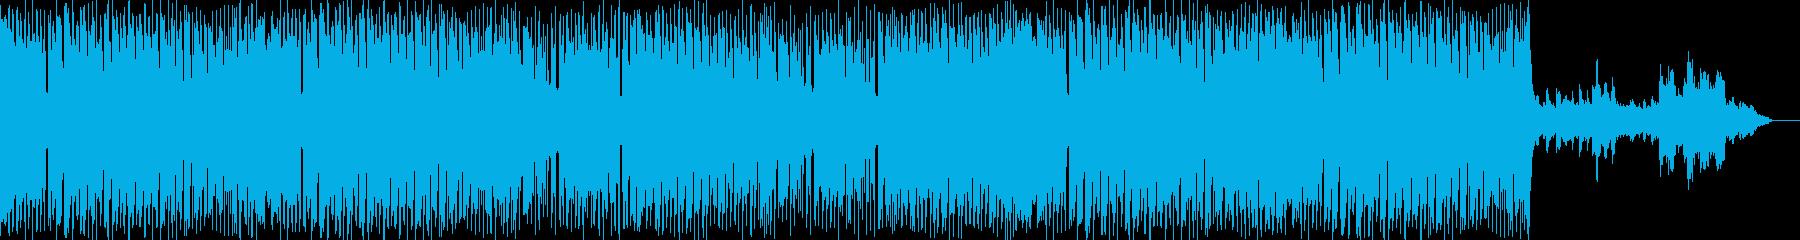 ヒューマンドラマ系に使われそうなBGMの再生済みの波形